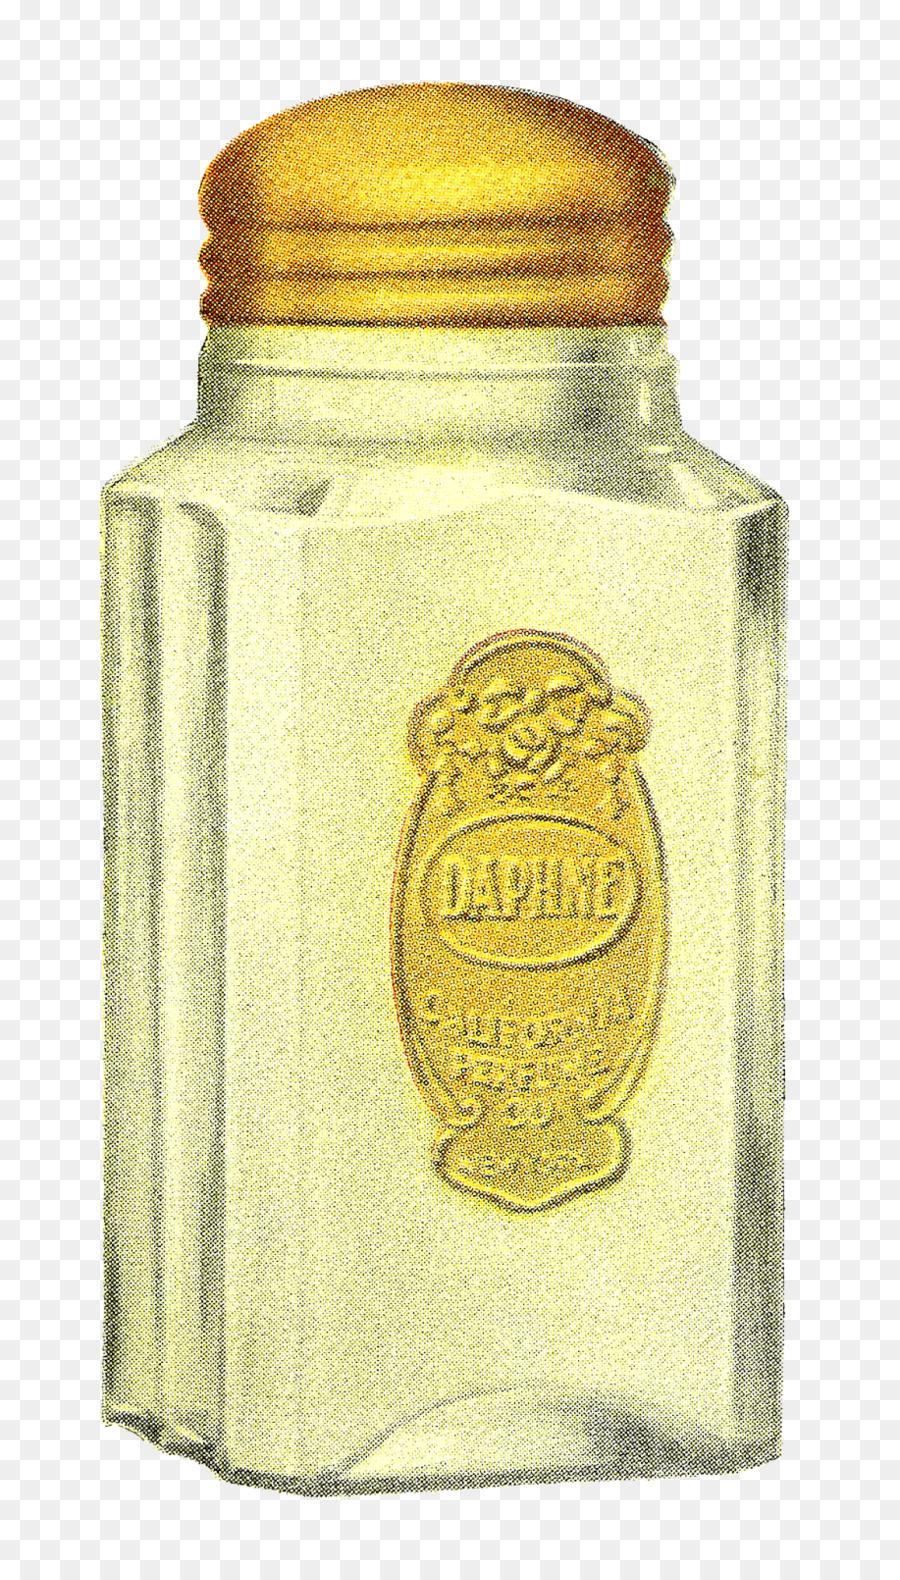 affiche de la bouteille en verre de clip art illustration design